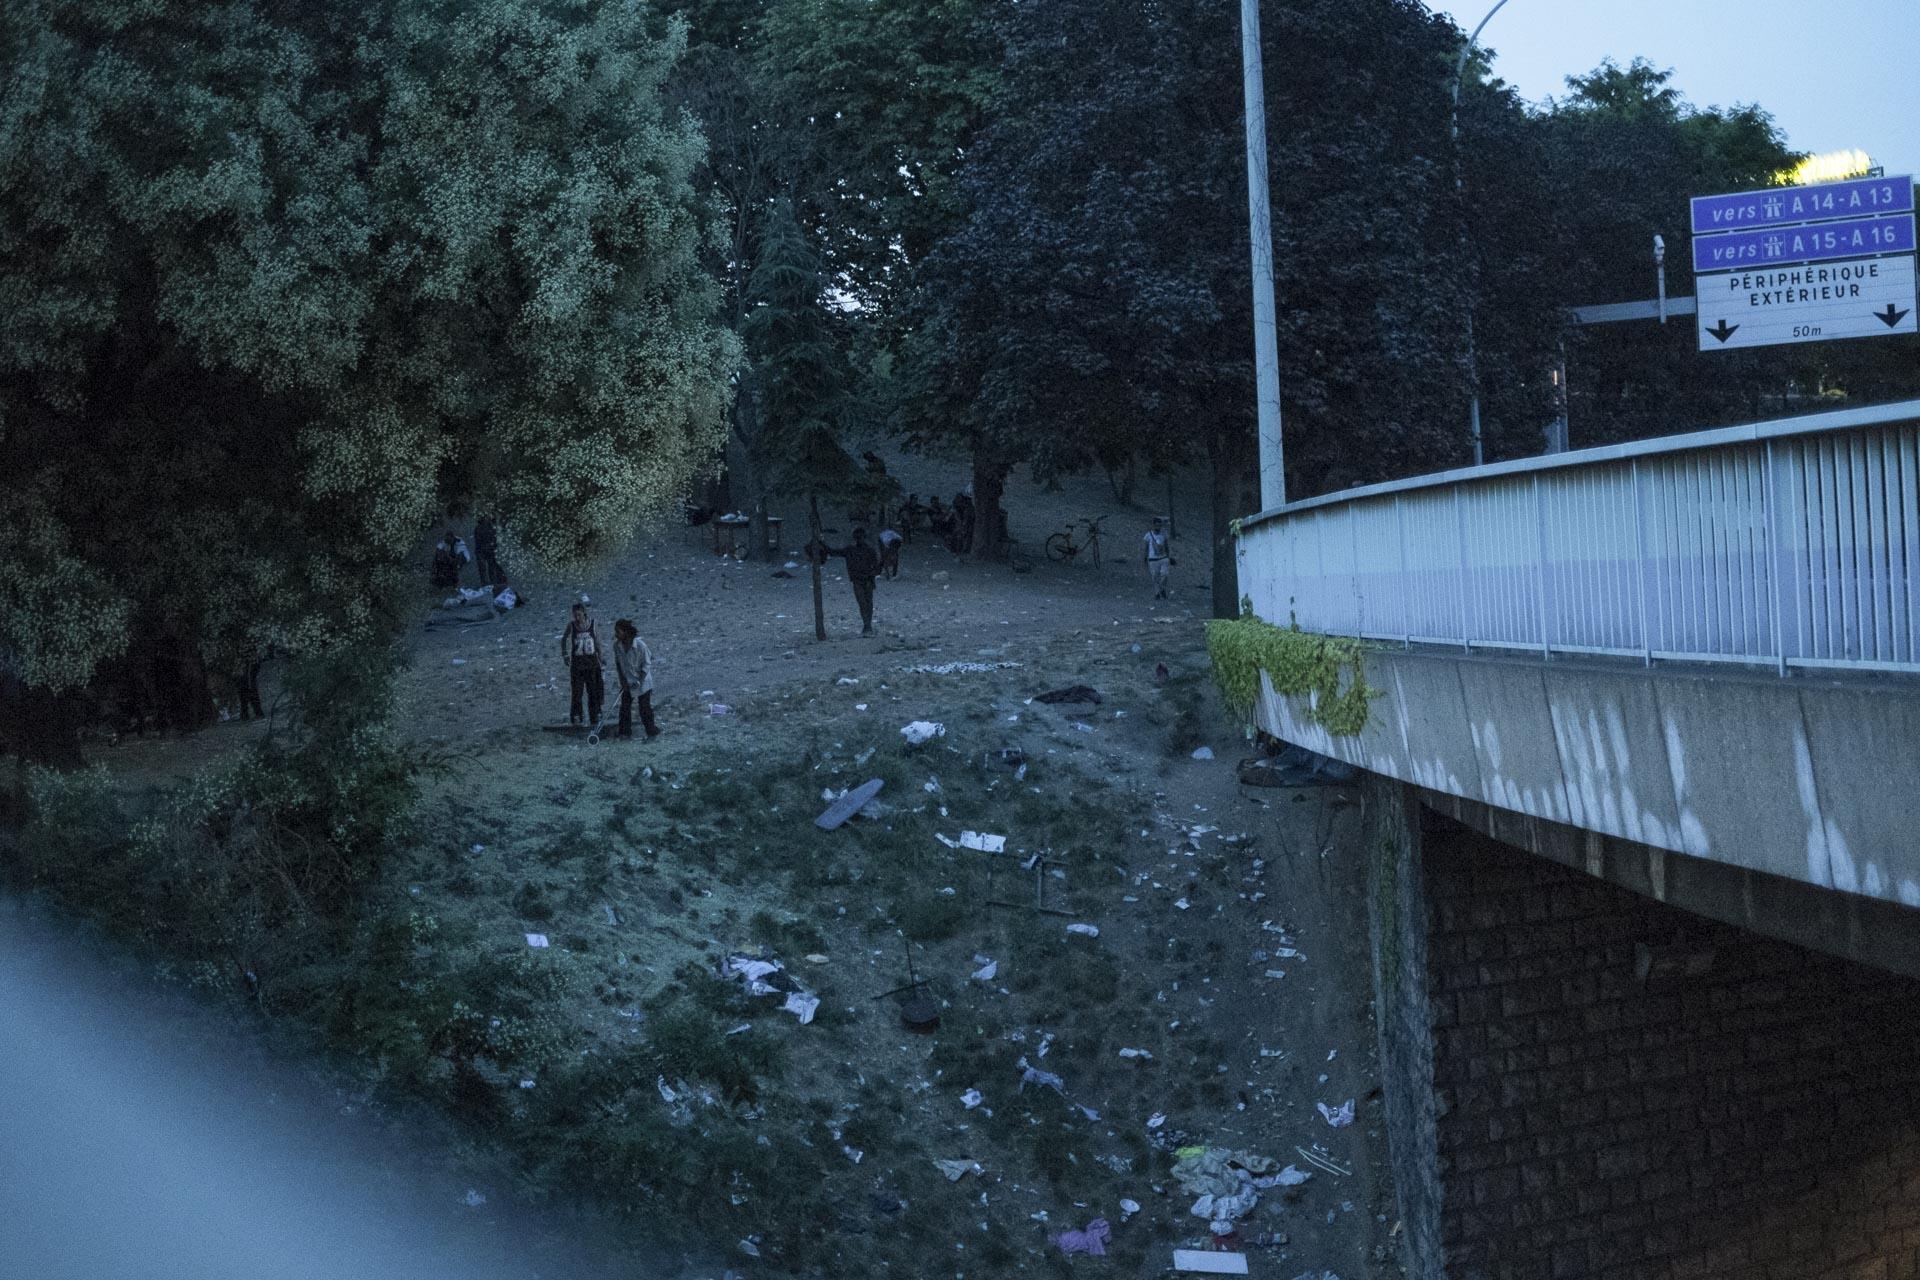 Le 19 juillet 2018, je visite pour la première fois le squat appelé la « Colline du crack » à la porte de la Chapelle . Dans cet espace sans lumière, jonché de détritus, situé le long du périphérique parisien, des centaines de personnes toxicomanes viennent acheter et consommer tous types de drogues, principalement du crack, à l'abri du regard des riverains. C'est également un lieu de vie pour les usagers les plus marginaux, qui habitent dans des cabanes. Il n'est pas rare que des crackers demandent des clous pour les construire. Beaucoup sont originaires d'Afrique ou des Antilles. Fin juin 2018, la préfecture de Police de Paris avait fait démanteler le squat qui se trouvait devant la station BP. Une autre Colline s'est reconstruite dans les jours qui ont suivi.